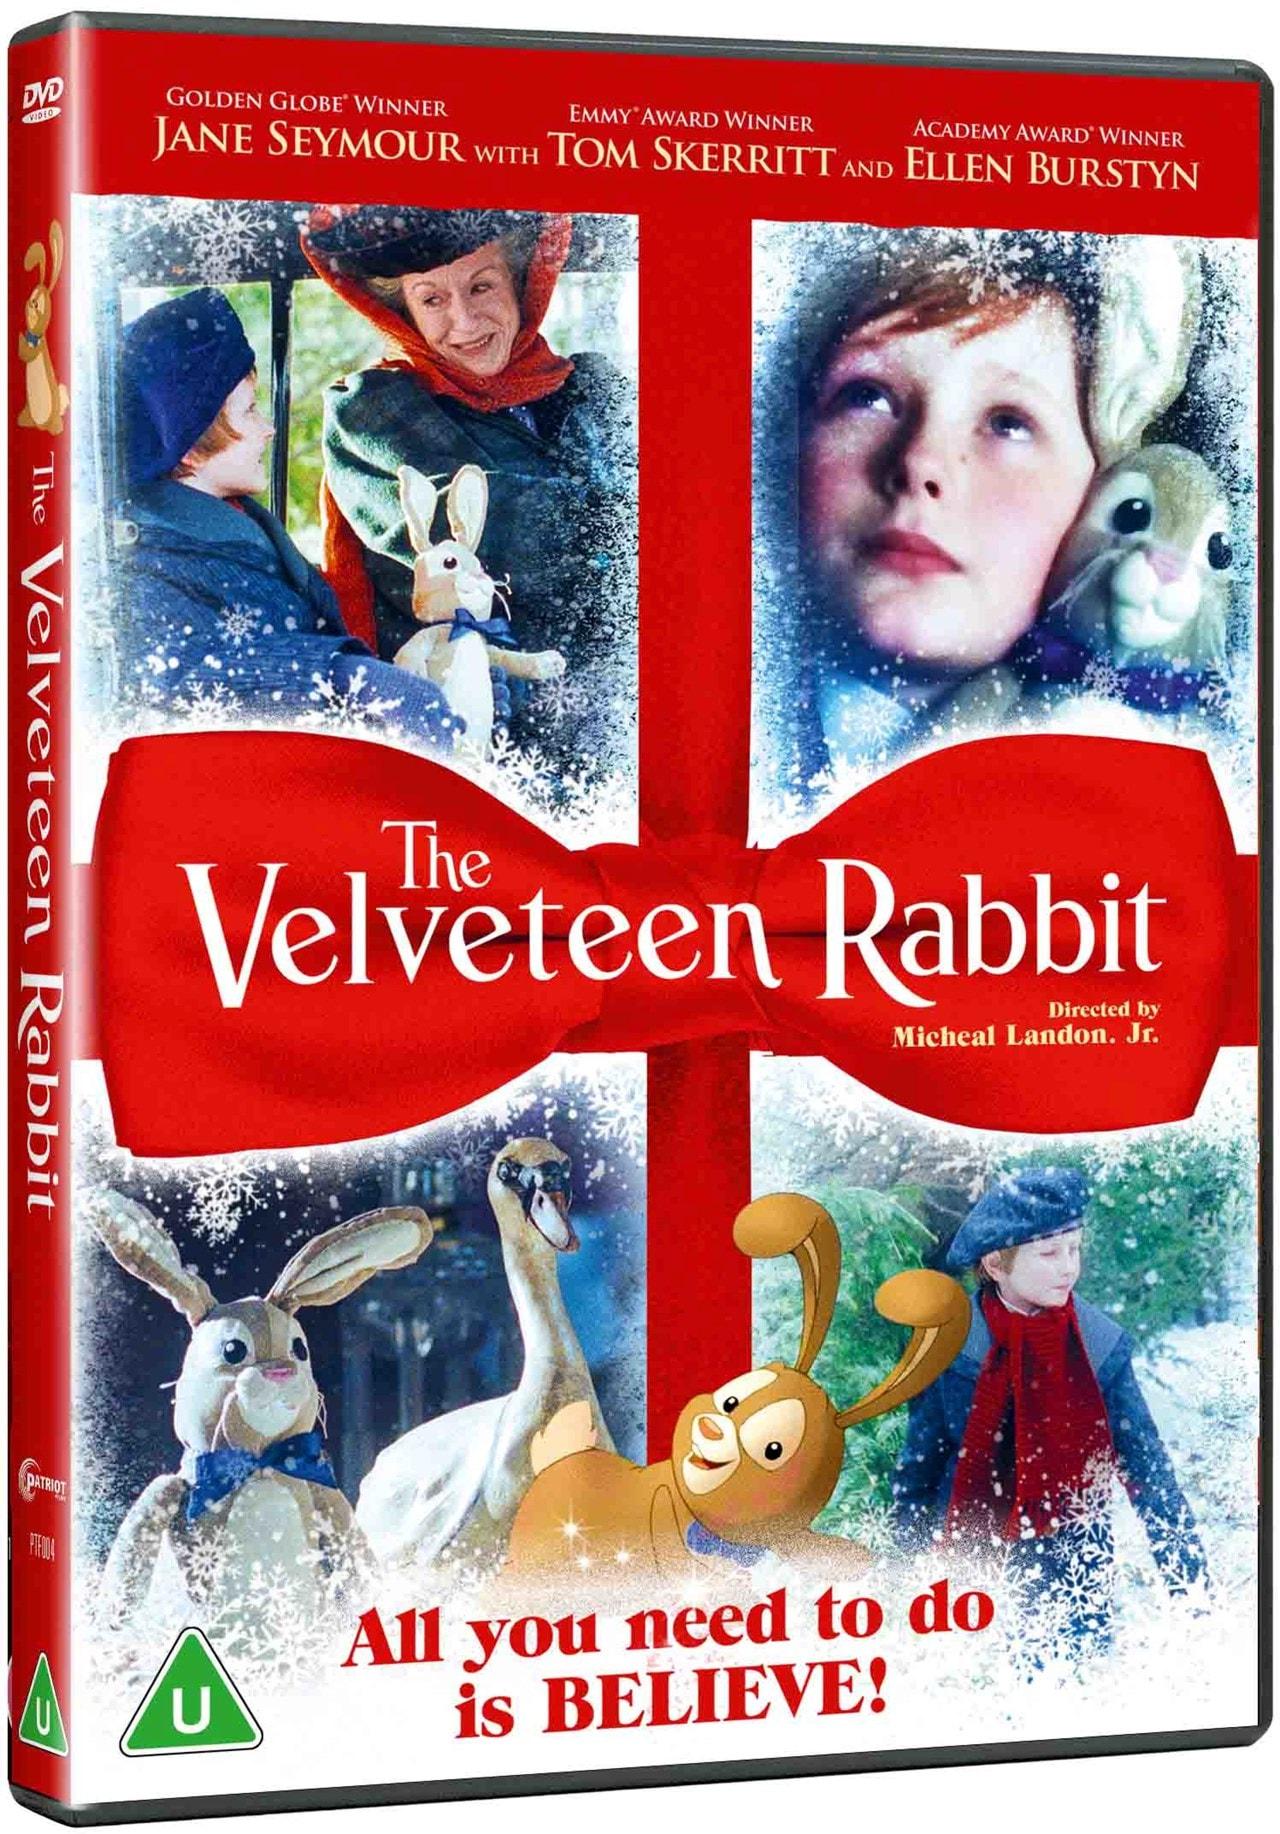 The Velveteen Rabbit - 2